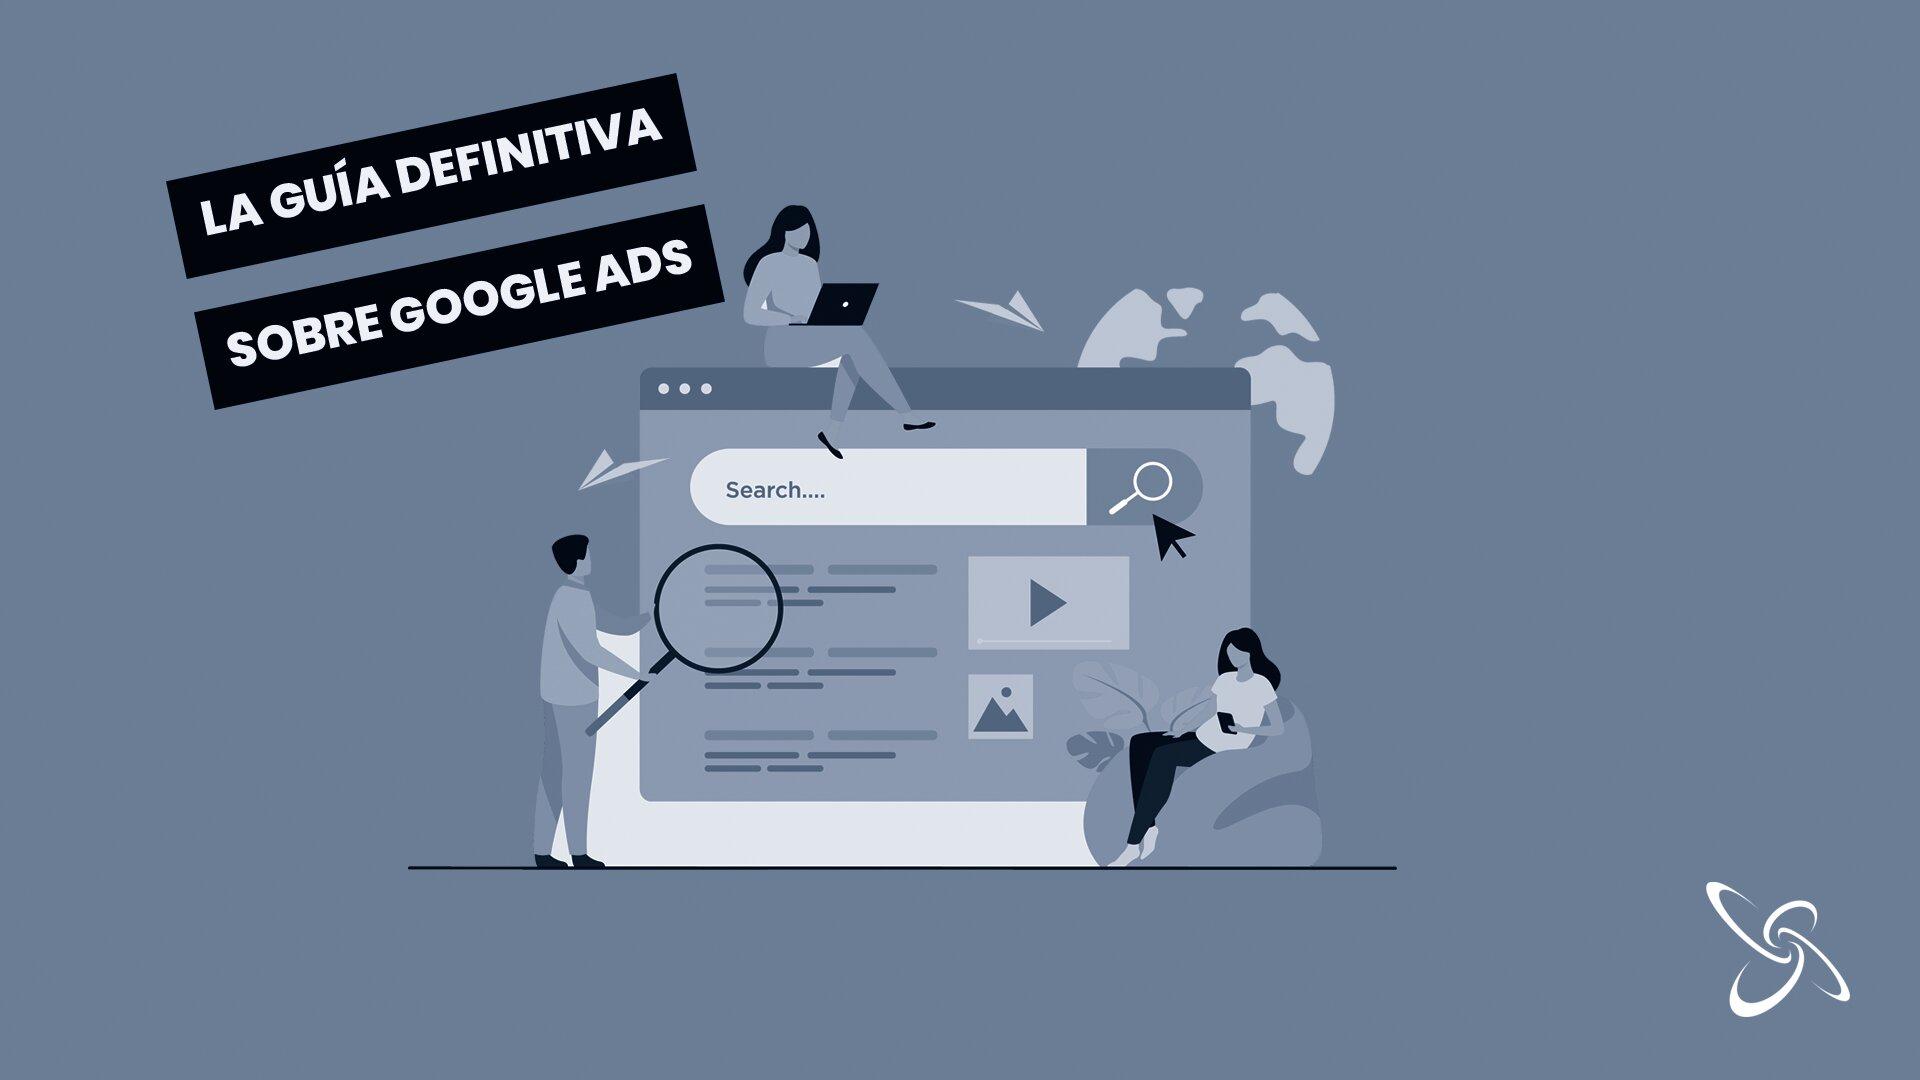 la guía definitiva sobre google ads